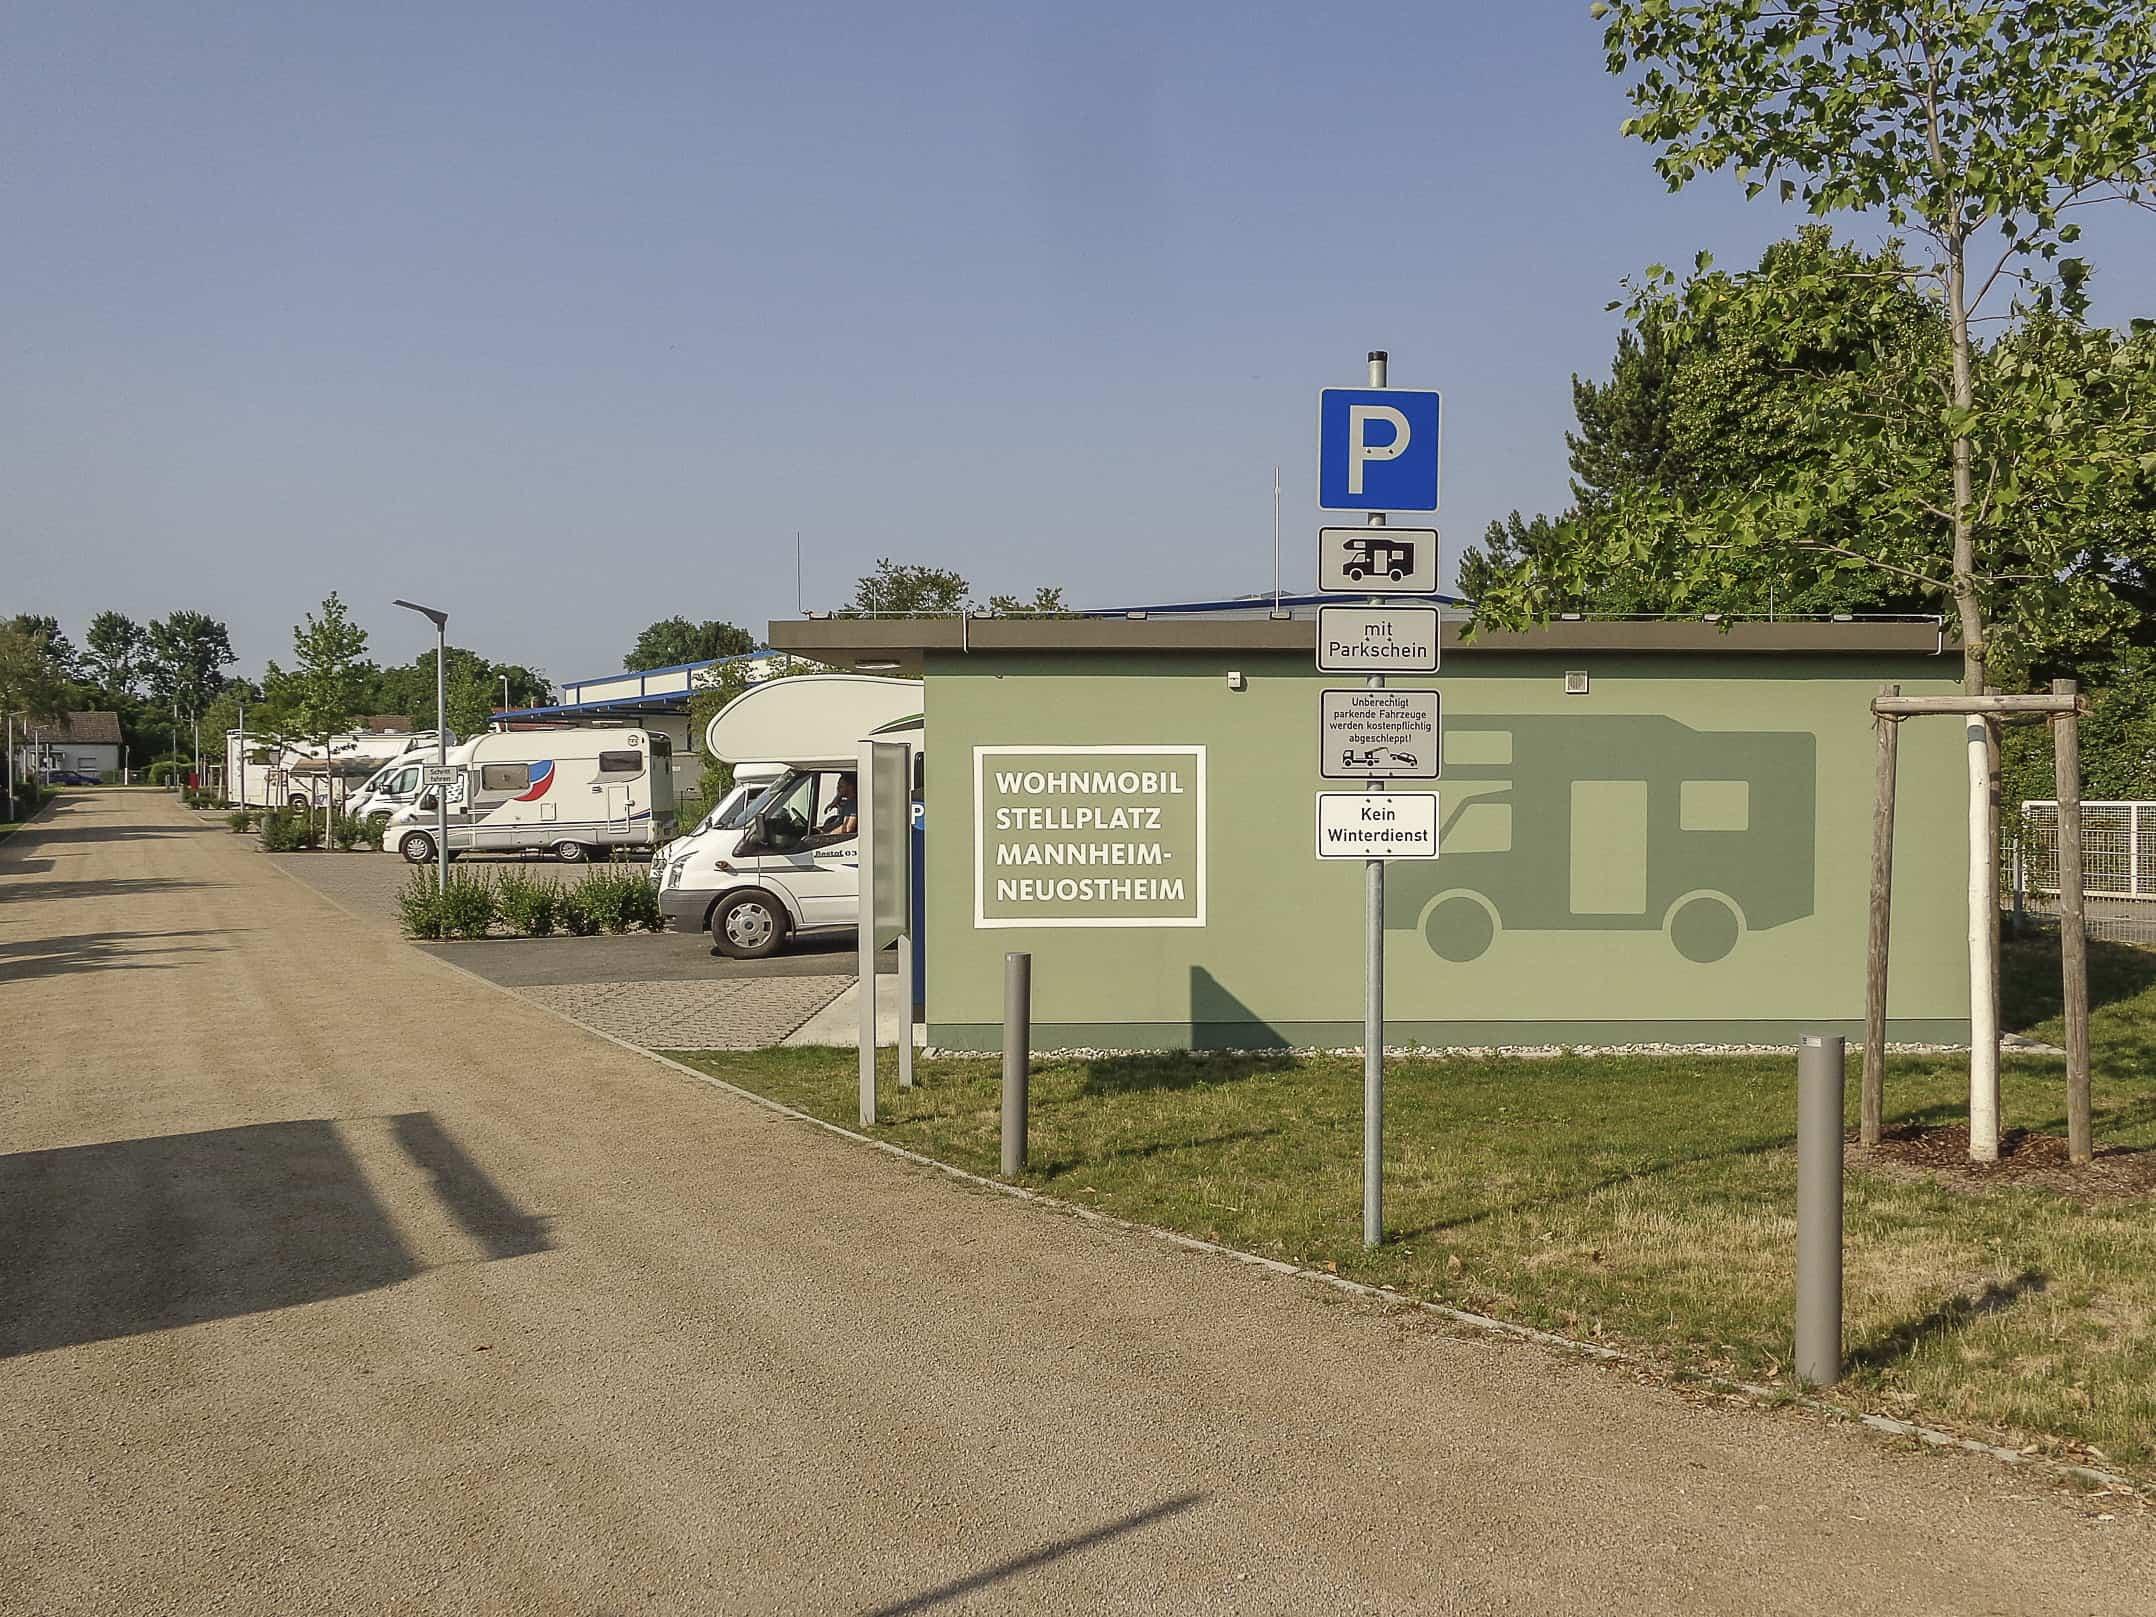 Wohnmobilstellplatz Mannheim, Mannheim, DE - CamperVita